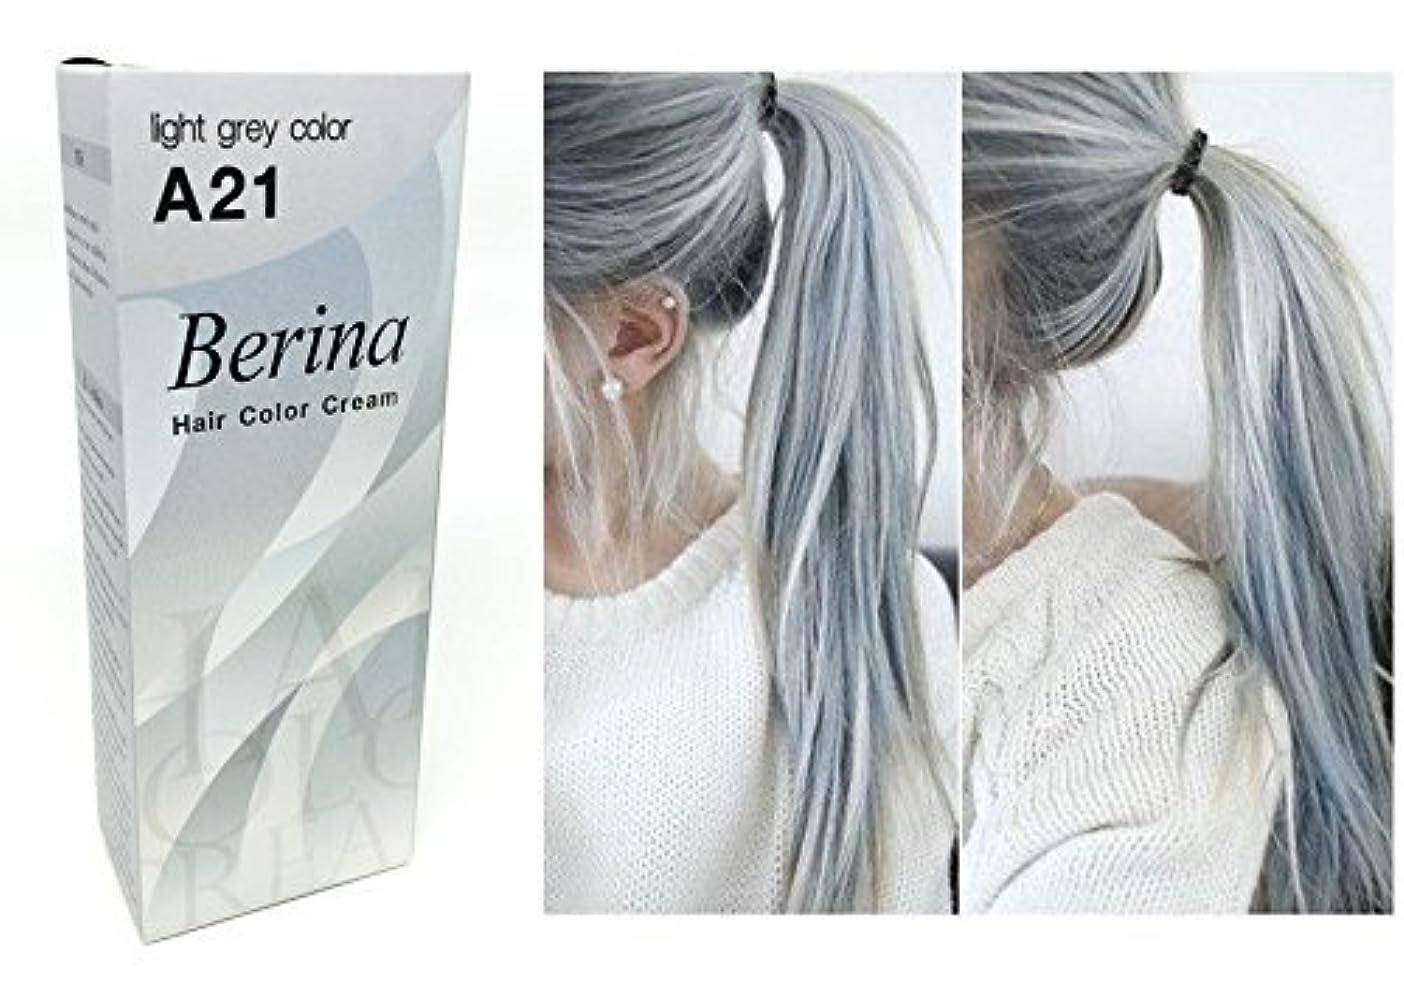 損なう戦術羊のBerina A21 Light Grey Silver Permanent Hair Dye Color Cream Unisex - Punk Style by Berina